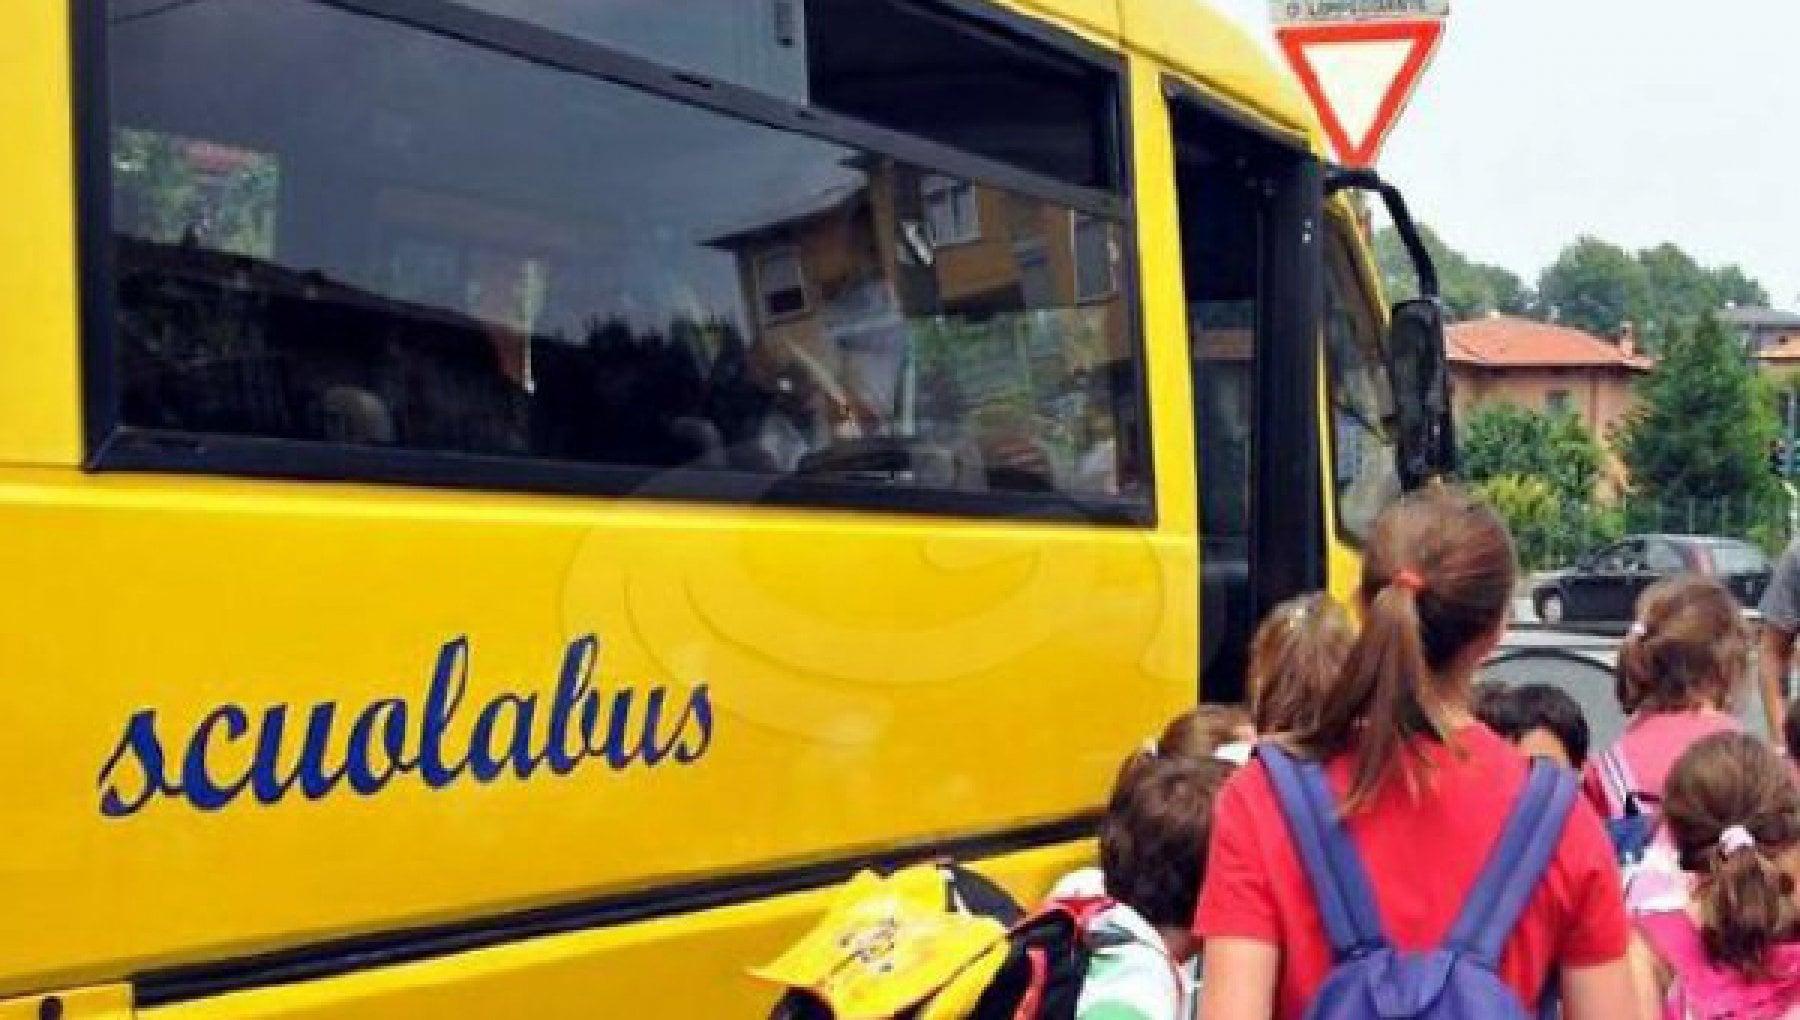 La bimba nomade andra allasilo in taxi grazie alla solidarieta di alcuni cittadini